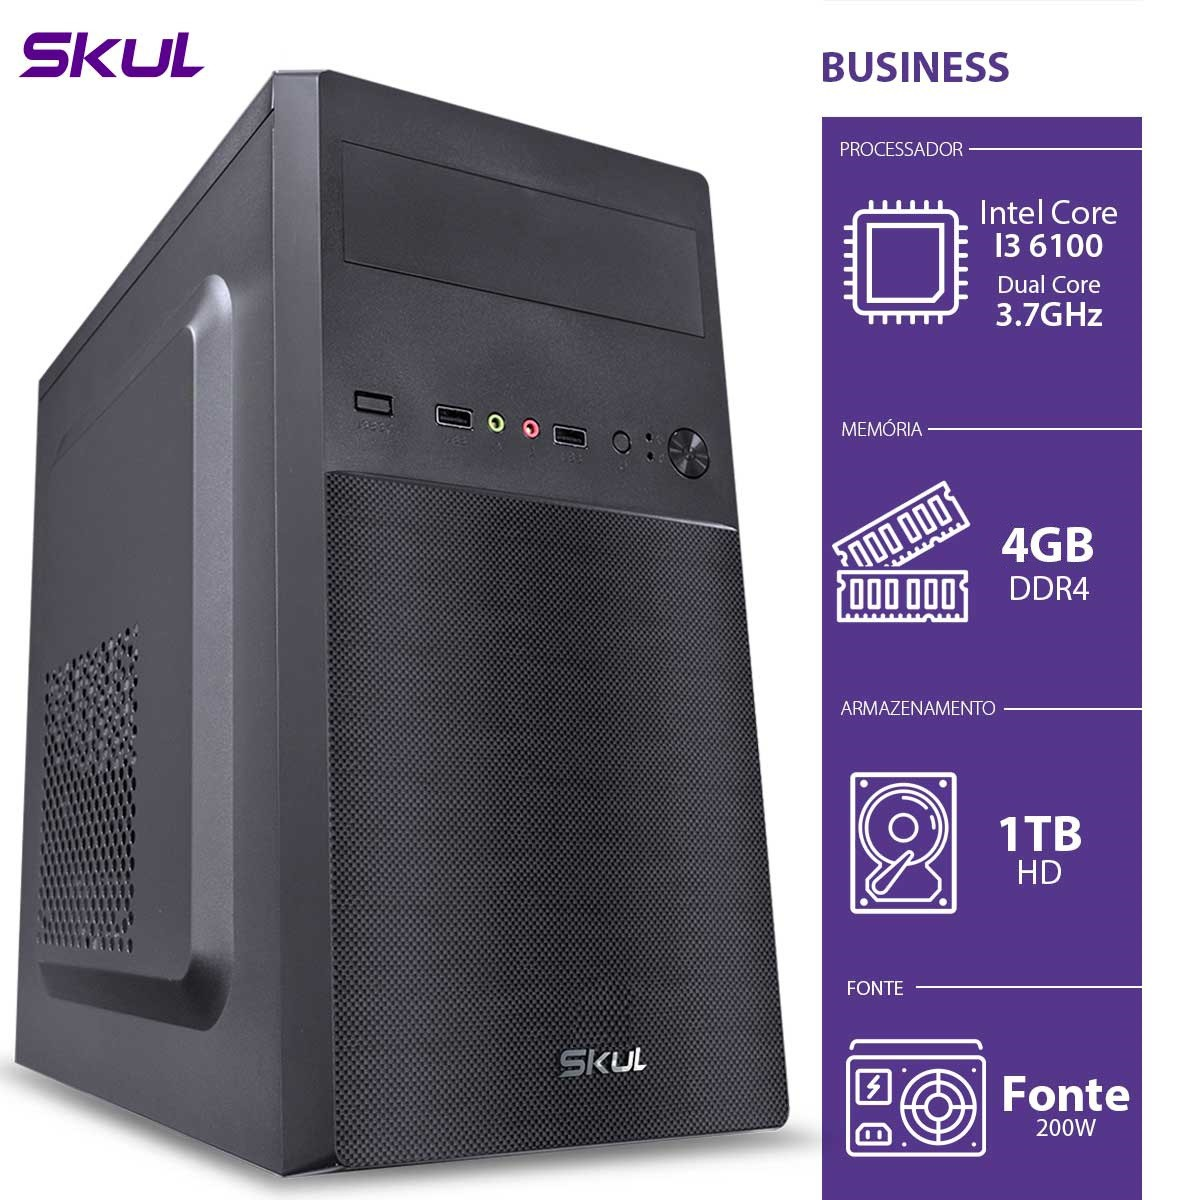 Computador Business B300 - I3-6100 3.7GHZ 4GB DDR4 HD 1TB HDMI/VGA Fonte 200W